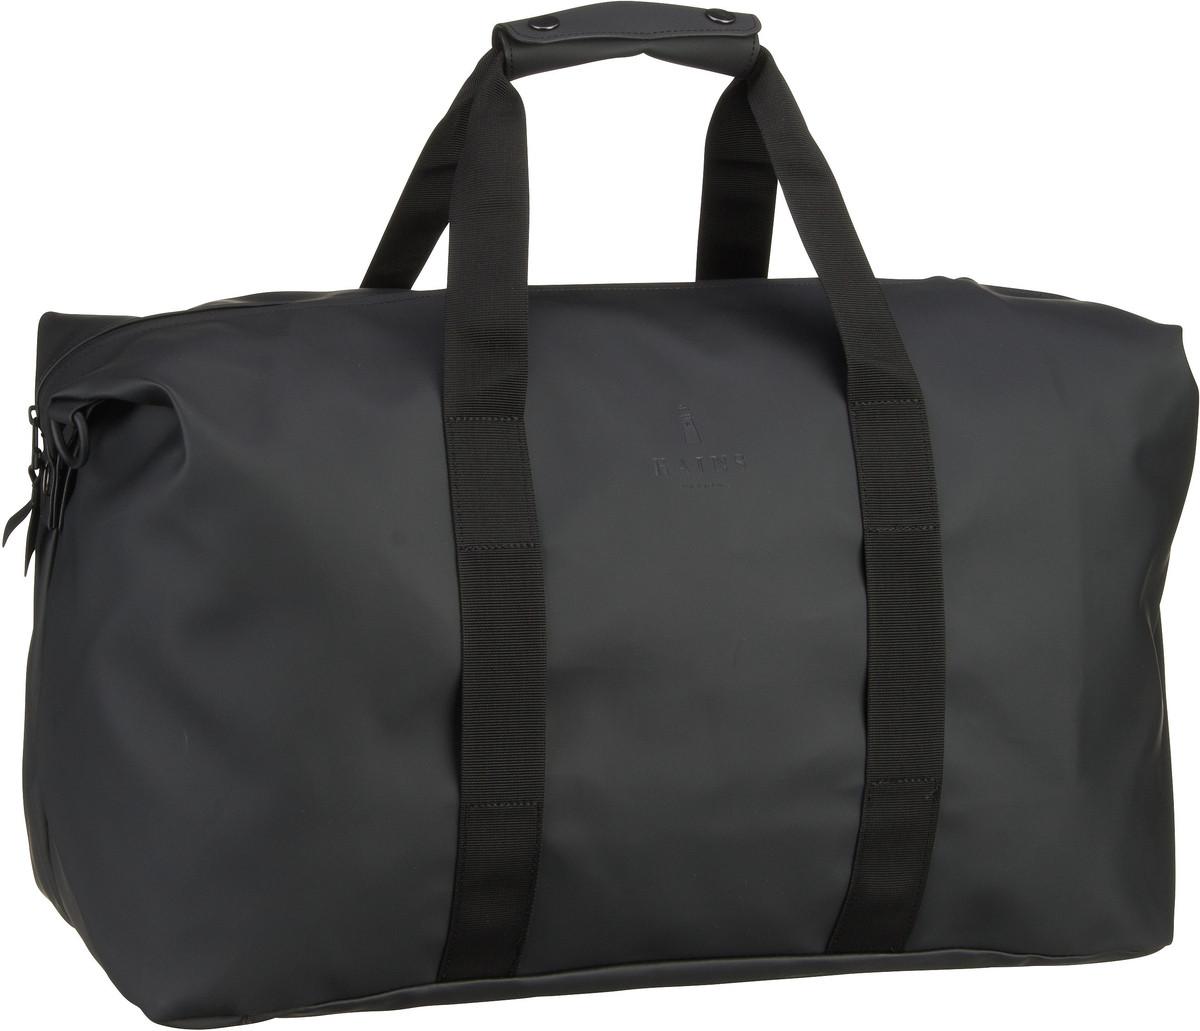 Reisegepaeck für Frauen - Rains Reisetasche Weekend Bag Black (44 Liter)  - Onlineshop Taschenkaufhaus